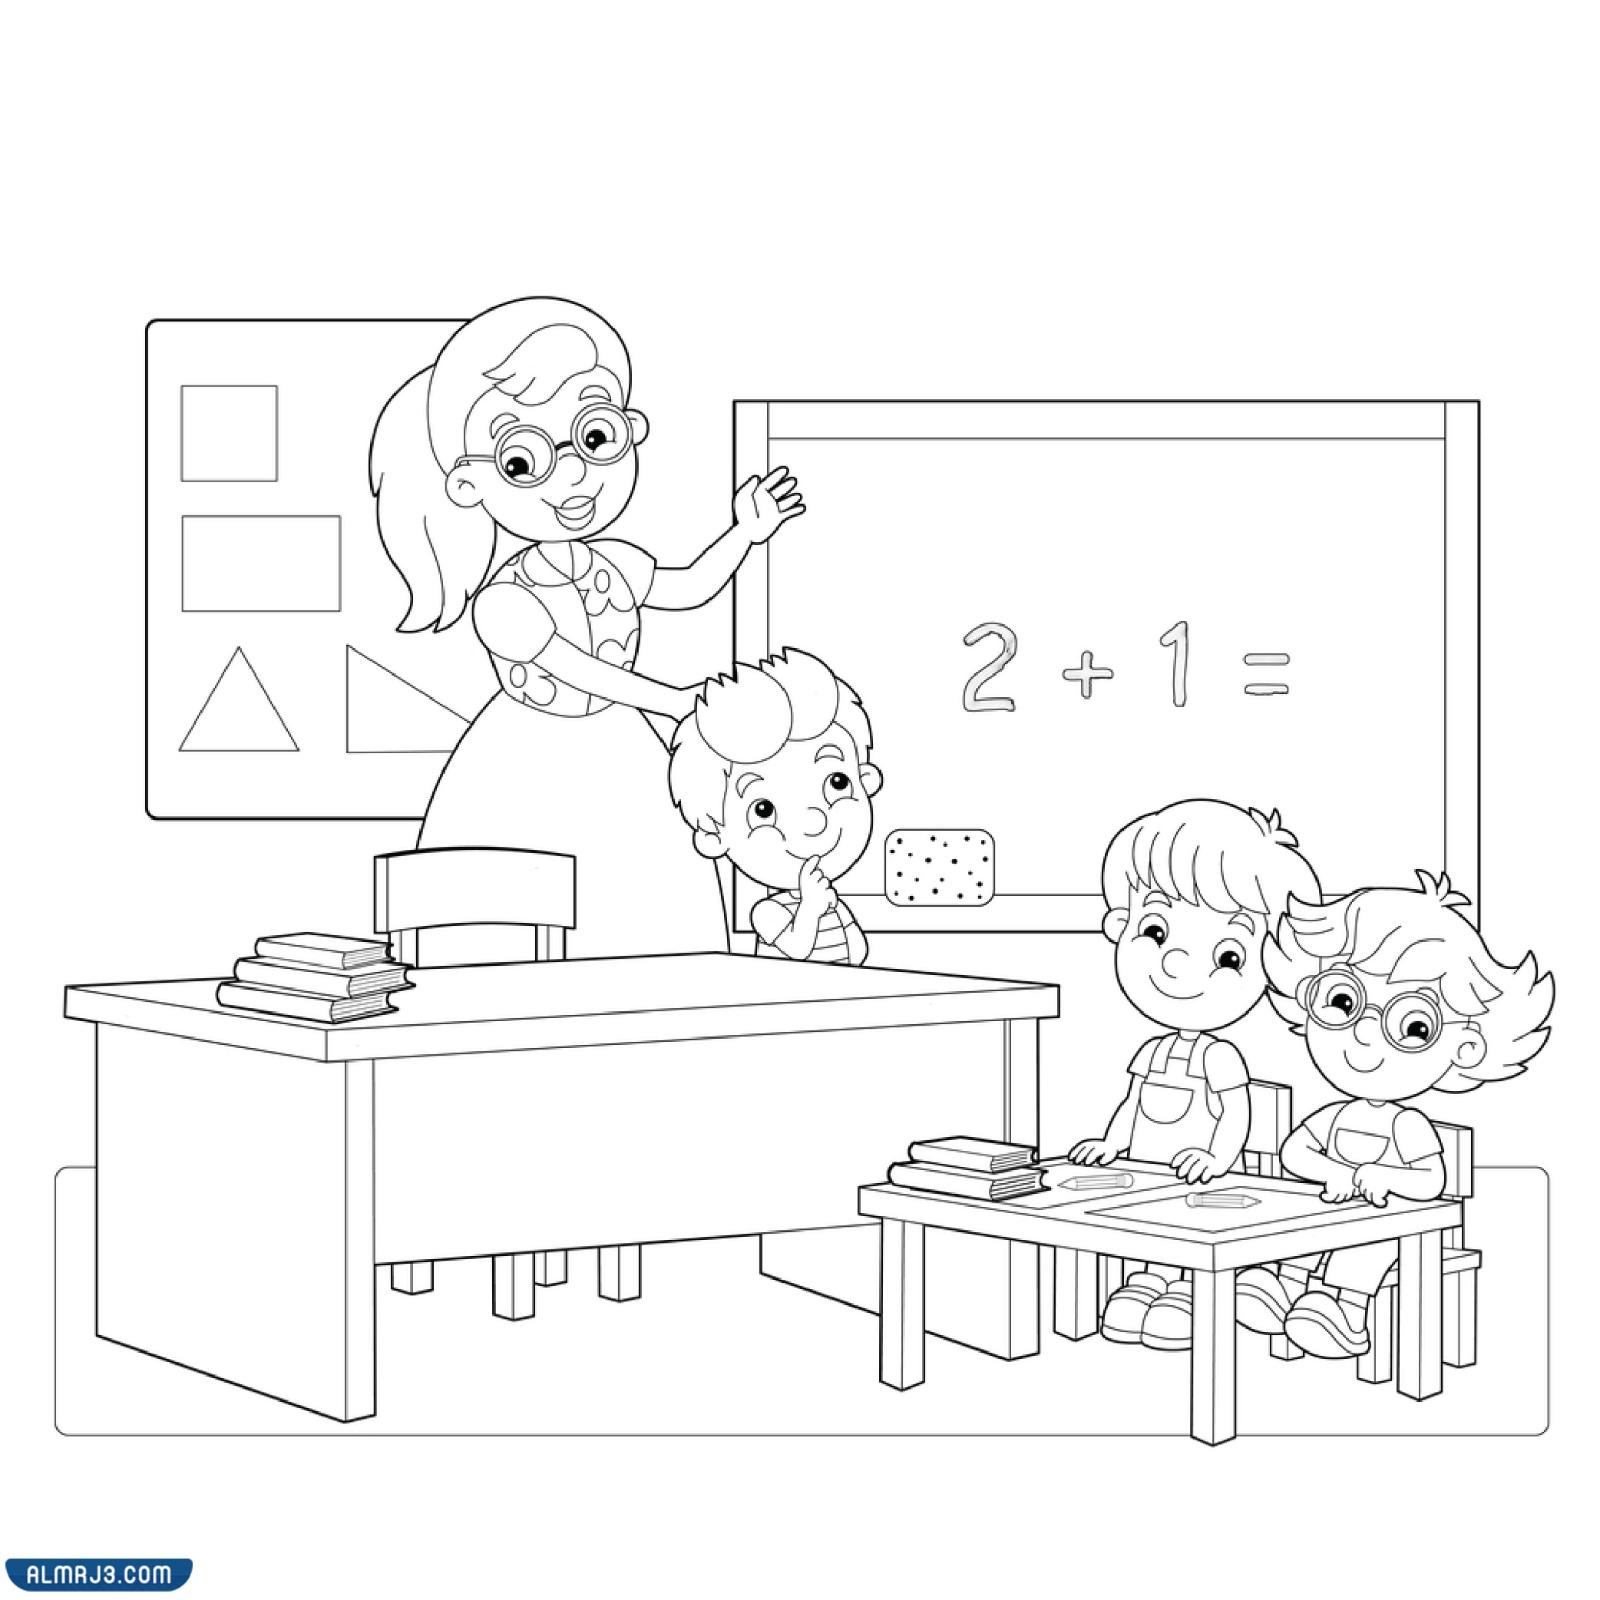 رسم عن تقدير المعلم للتلوين